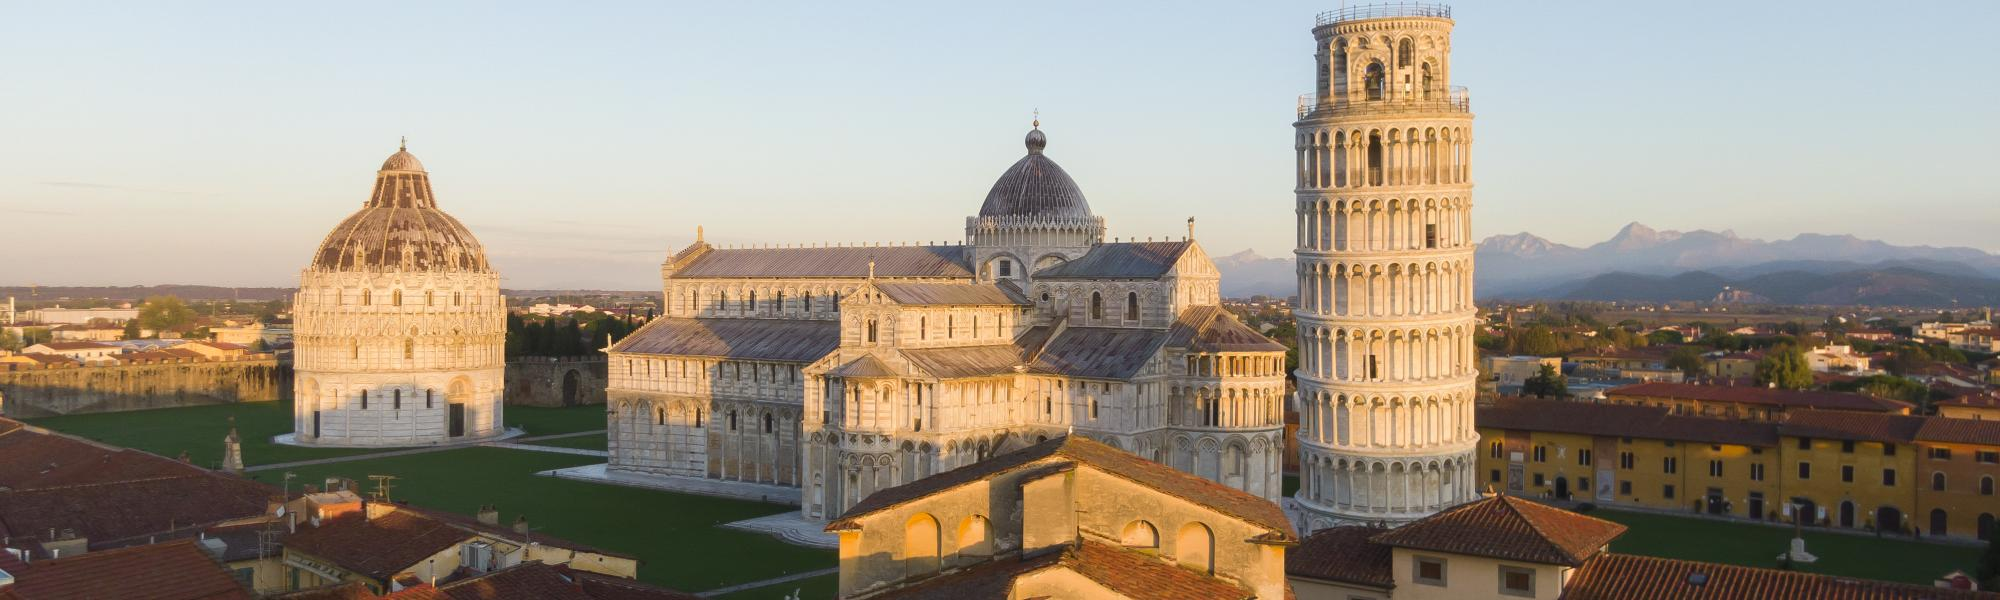 Veduta aerea Piazza del Duomo/ Piazza dei MIracoli